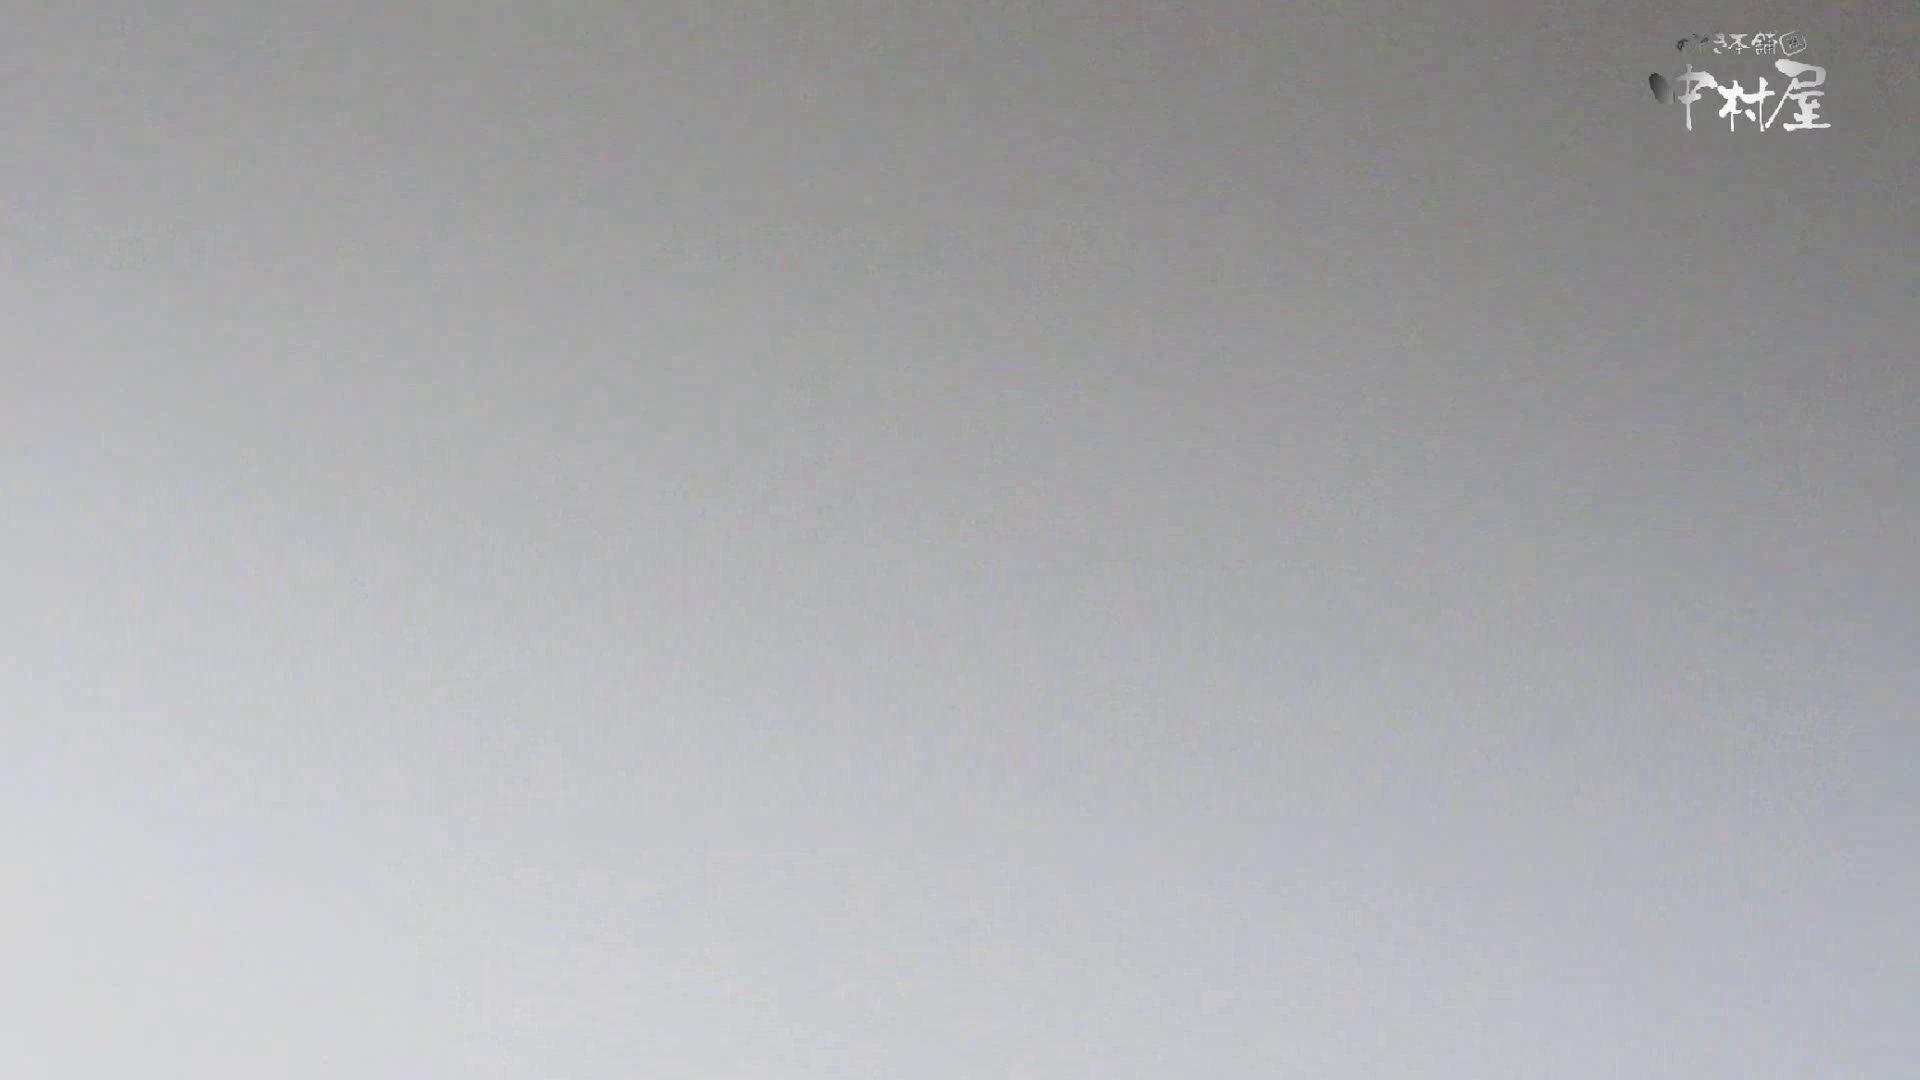 魂のかわや盗撮62連発! 肛門ドアップ! 58発目! 黄金水 性交動画流出 41連発 23